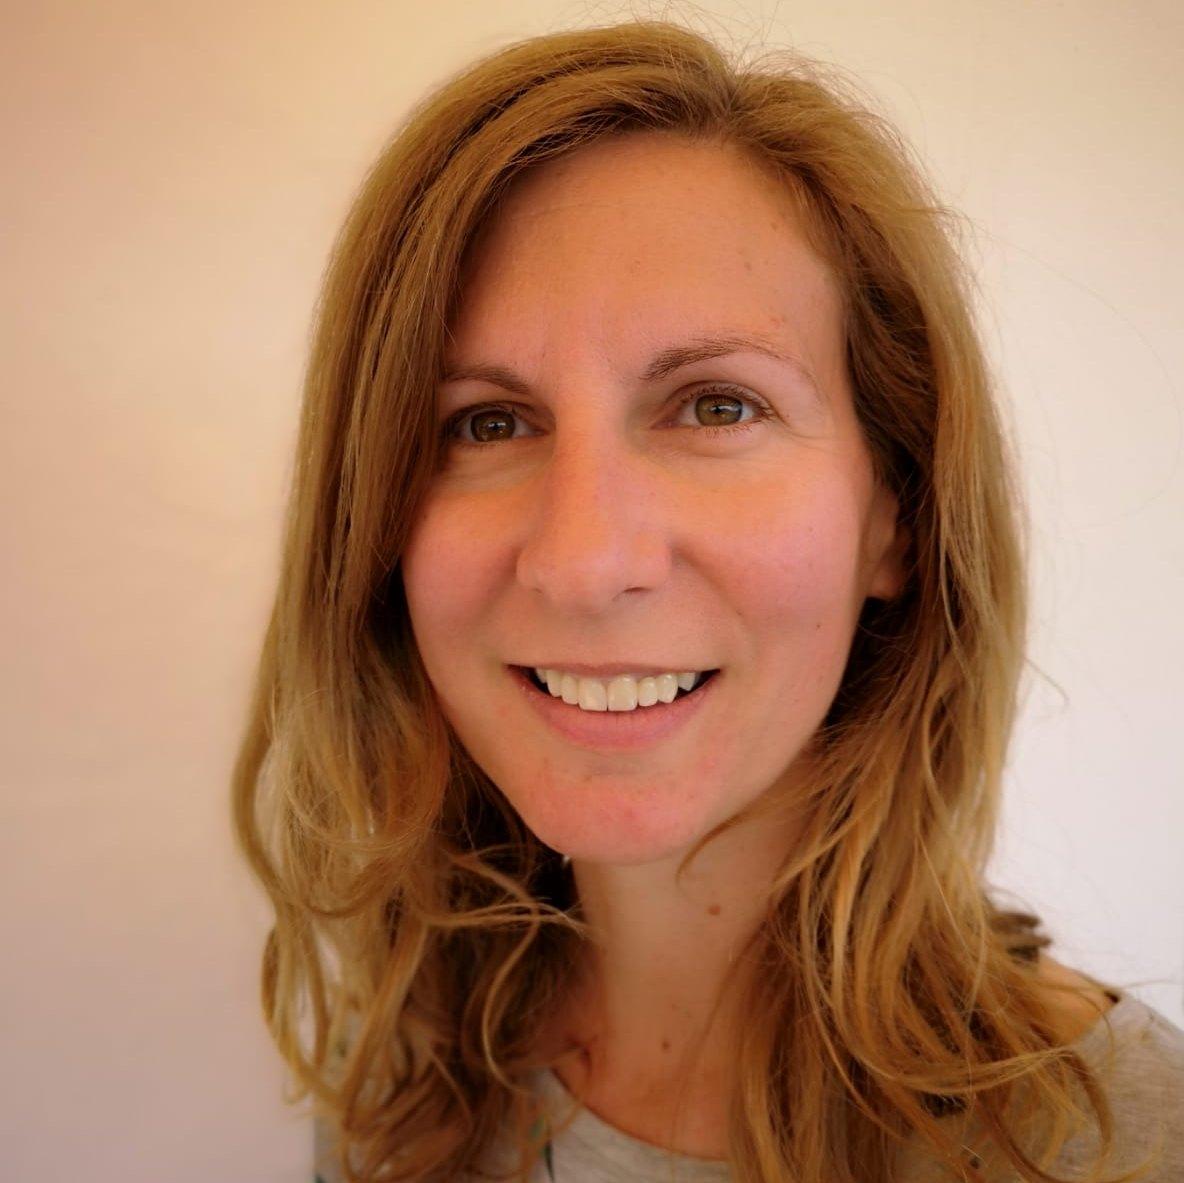 Stephanie Blutaumüller